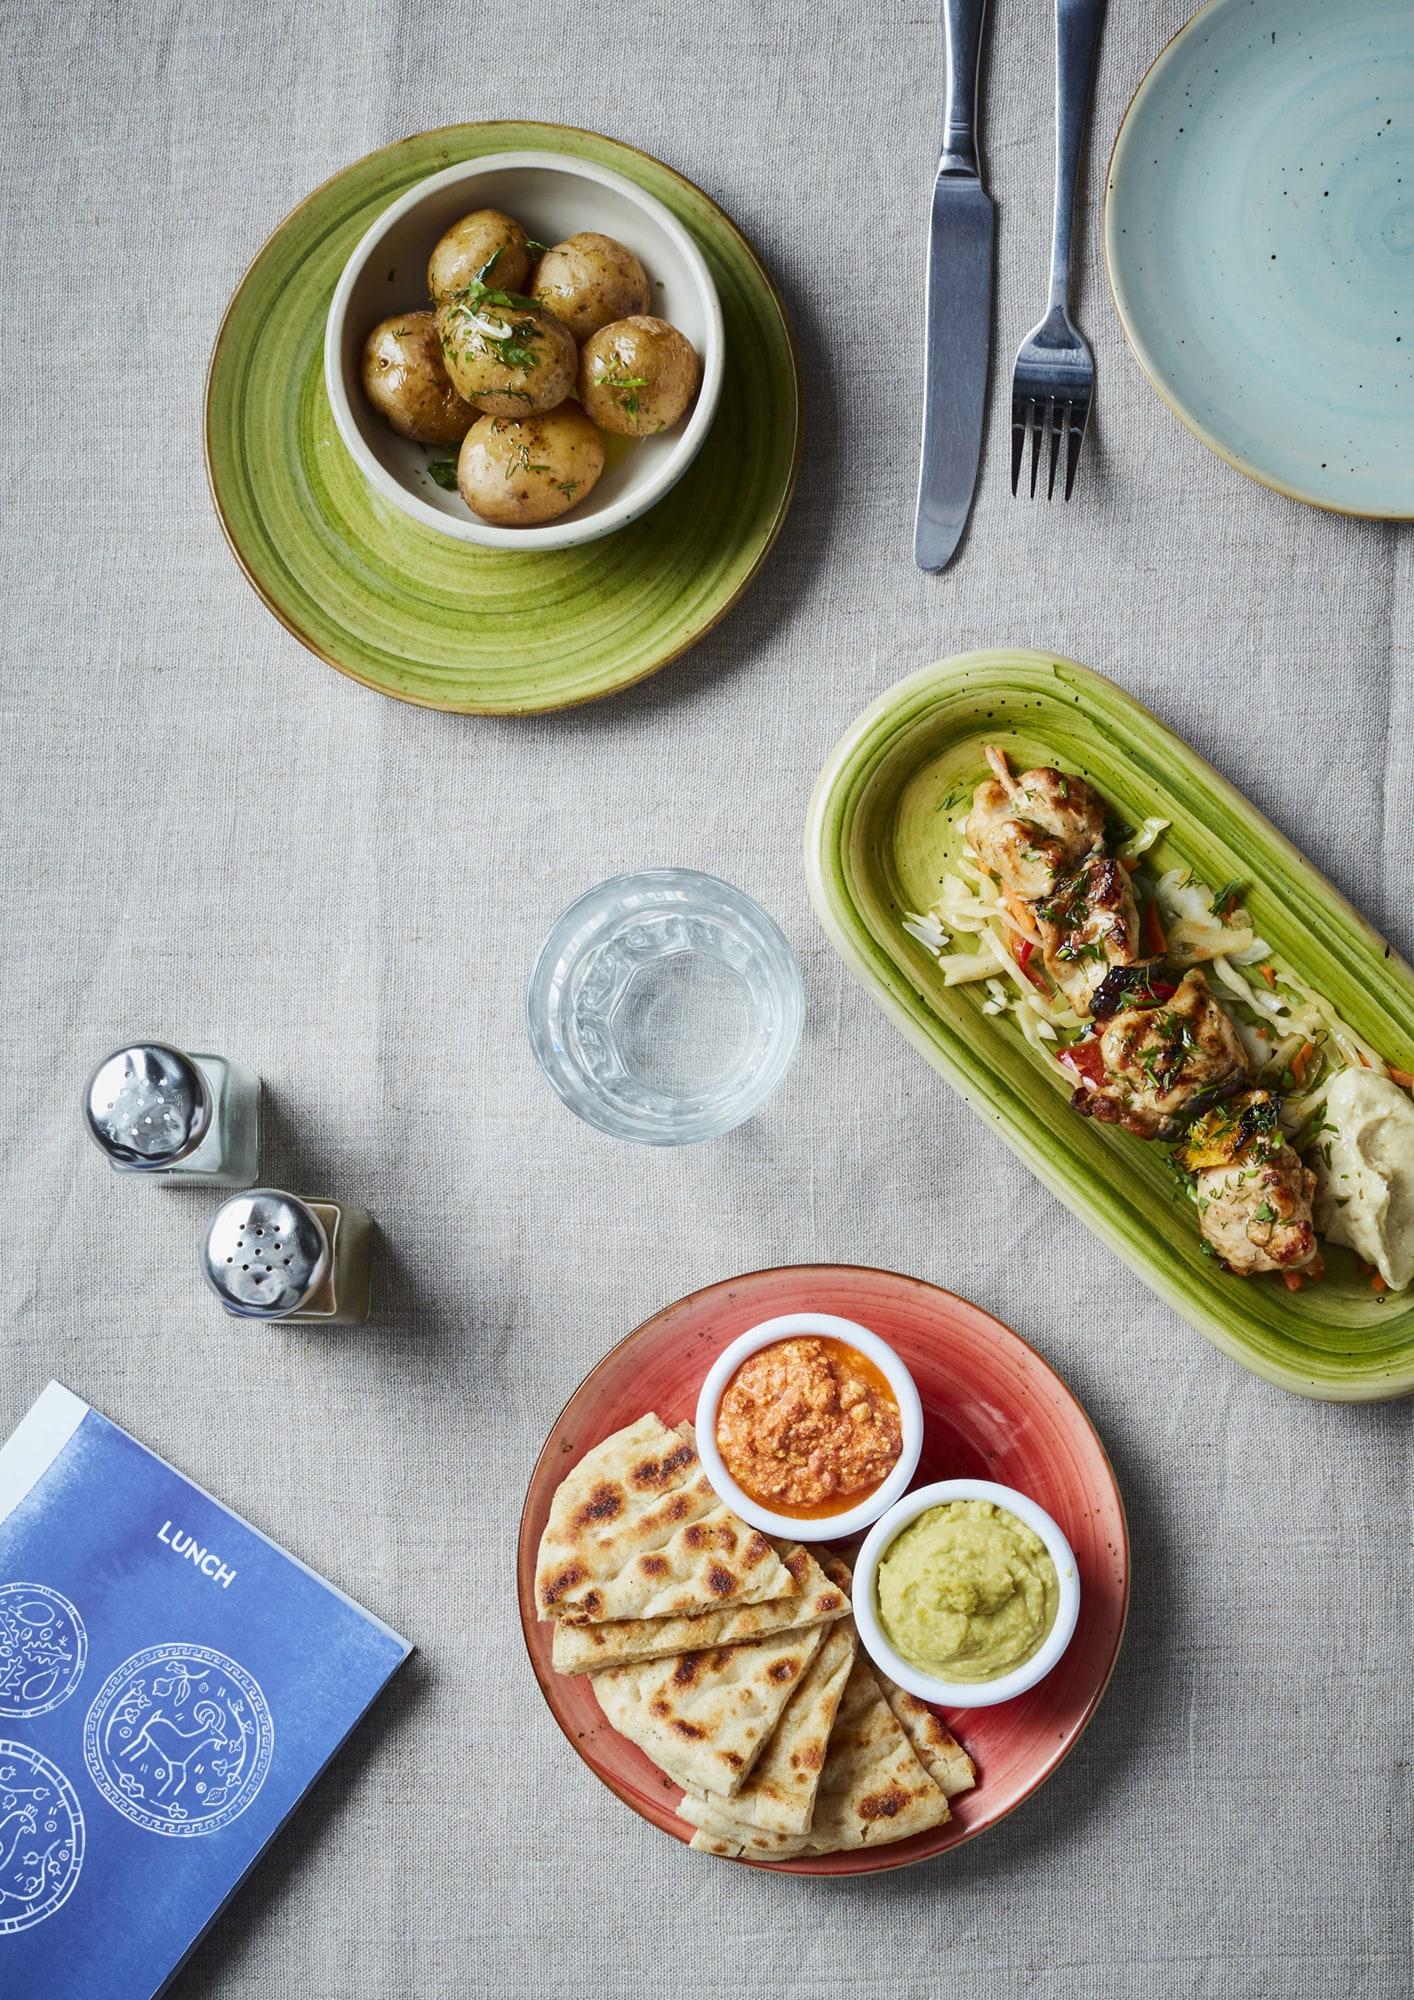 The Real Greek - Greek Food & Ingredients - Westfield